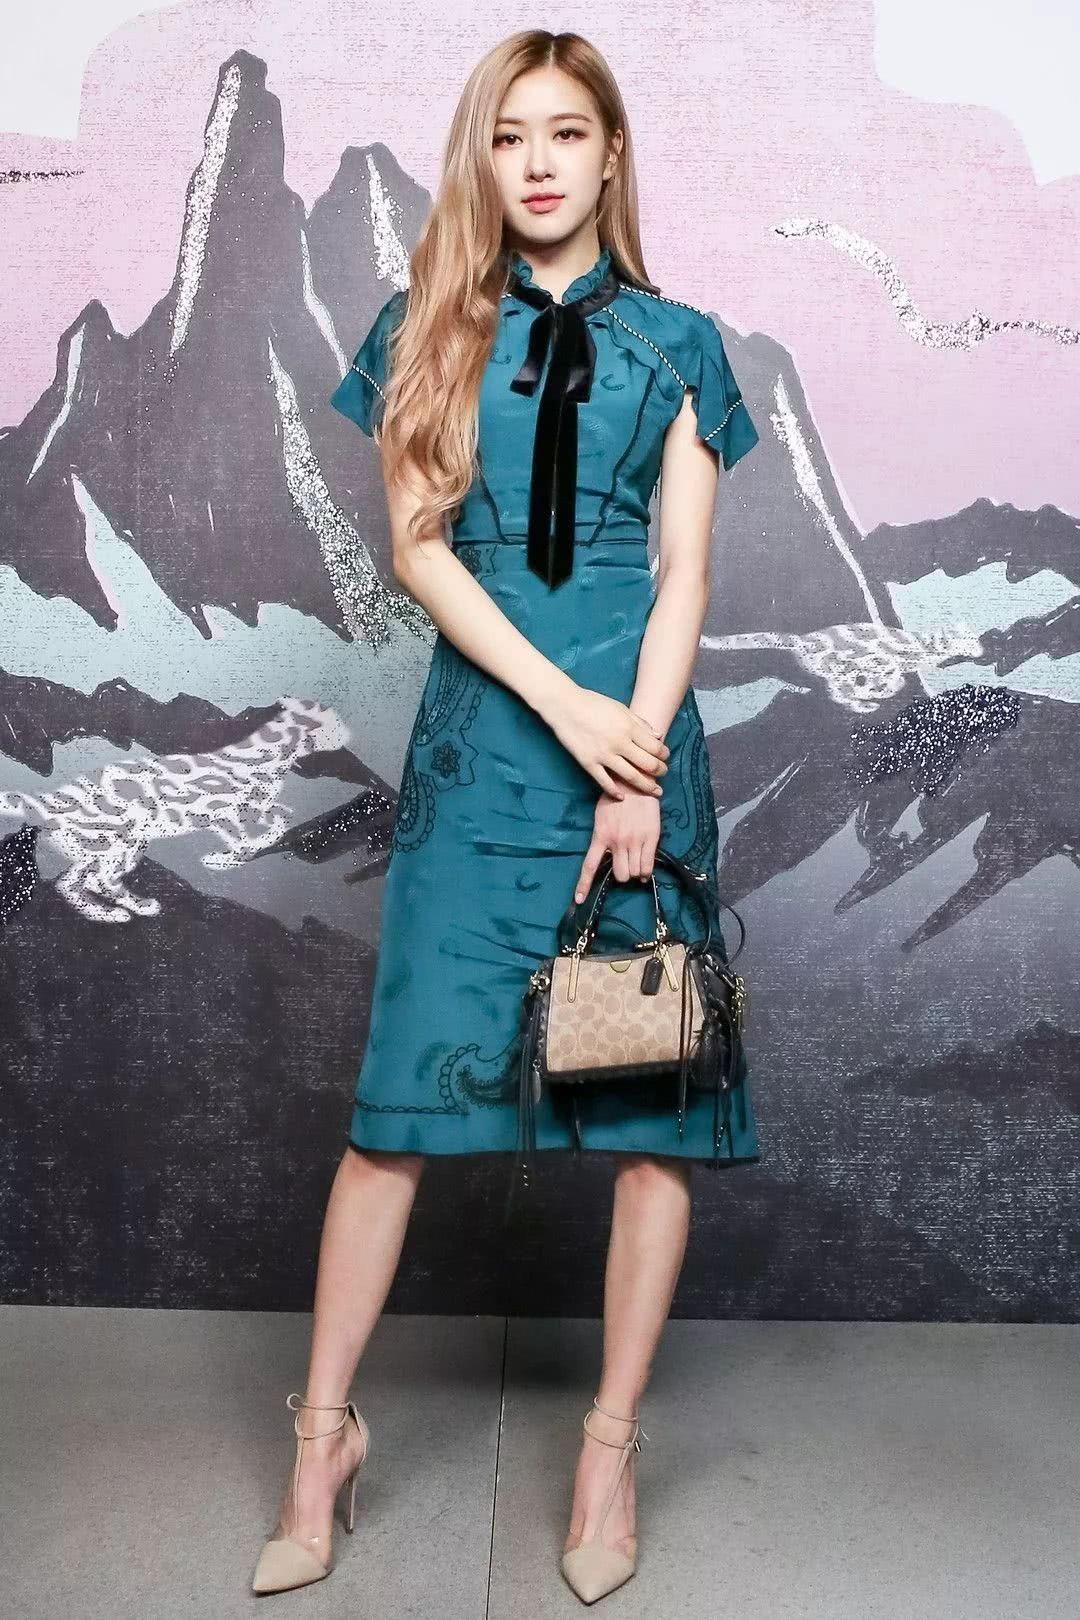 Rose Blackpink mặc đầm xanh cổ vịt dự show thời trang Coach